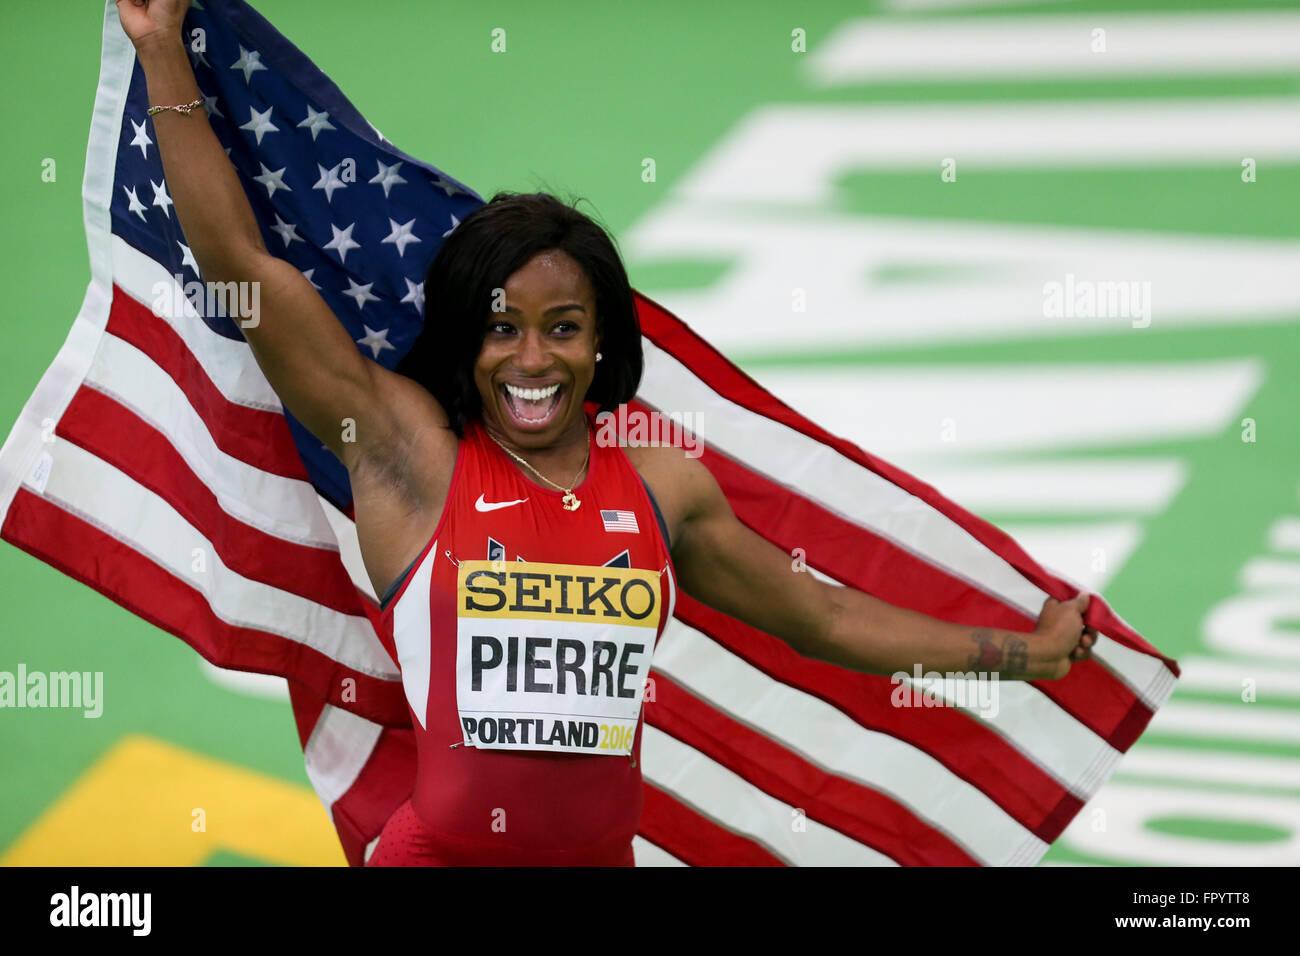 Marzo 19, 2016 - BARBARA PIERRE vincente celebra il 60m finali all'2016 IAAF mondiali Indoor Track & Field Immagini Stock